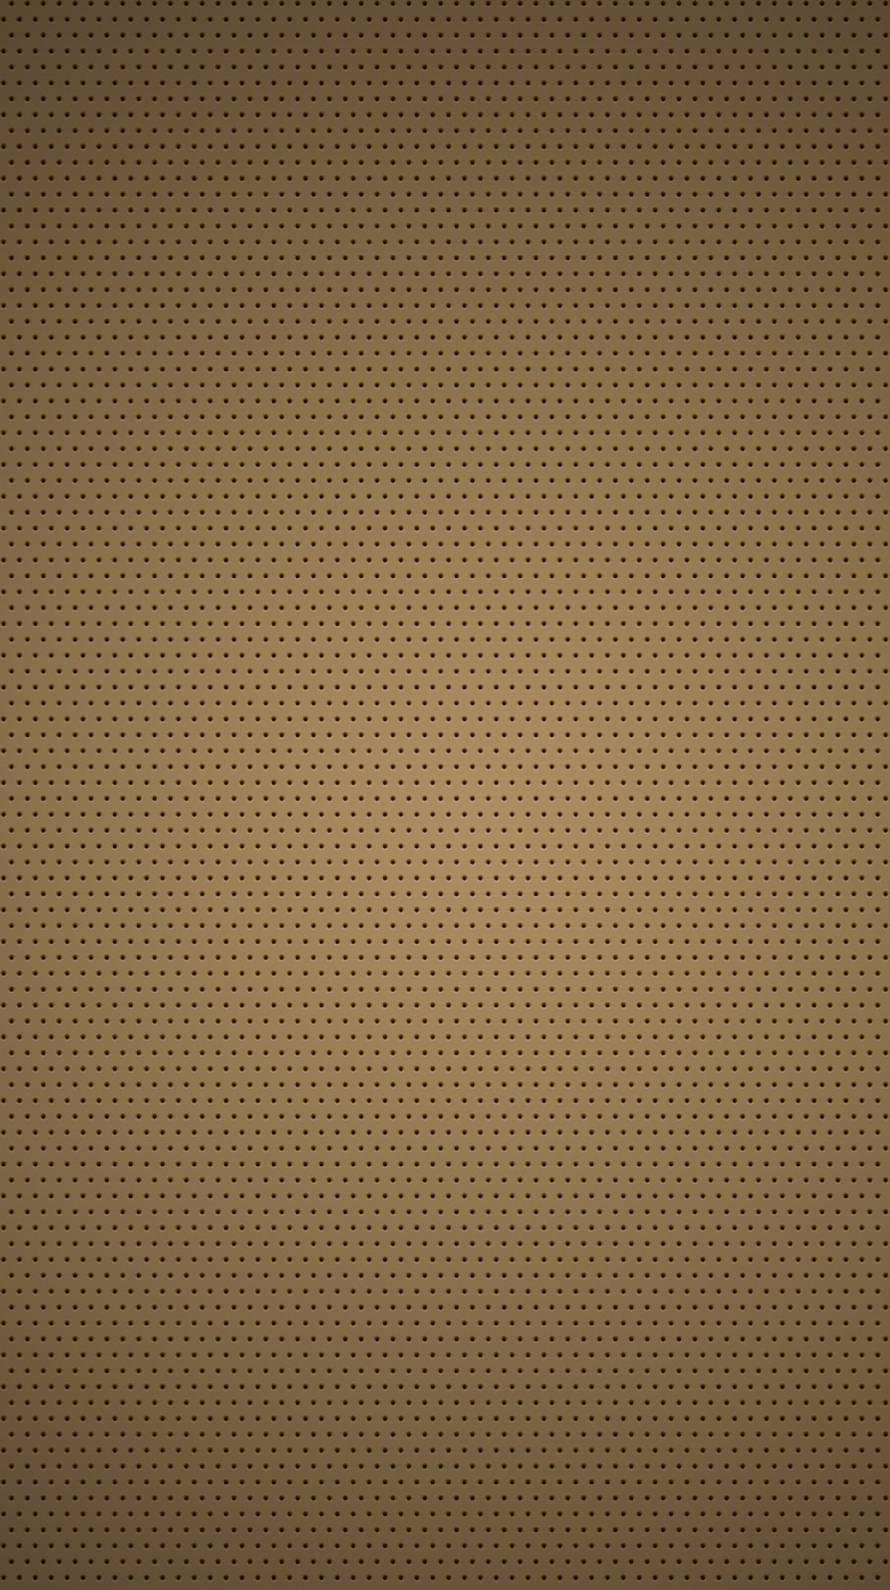 ブロンズ iPhone6壁紙